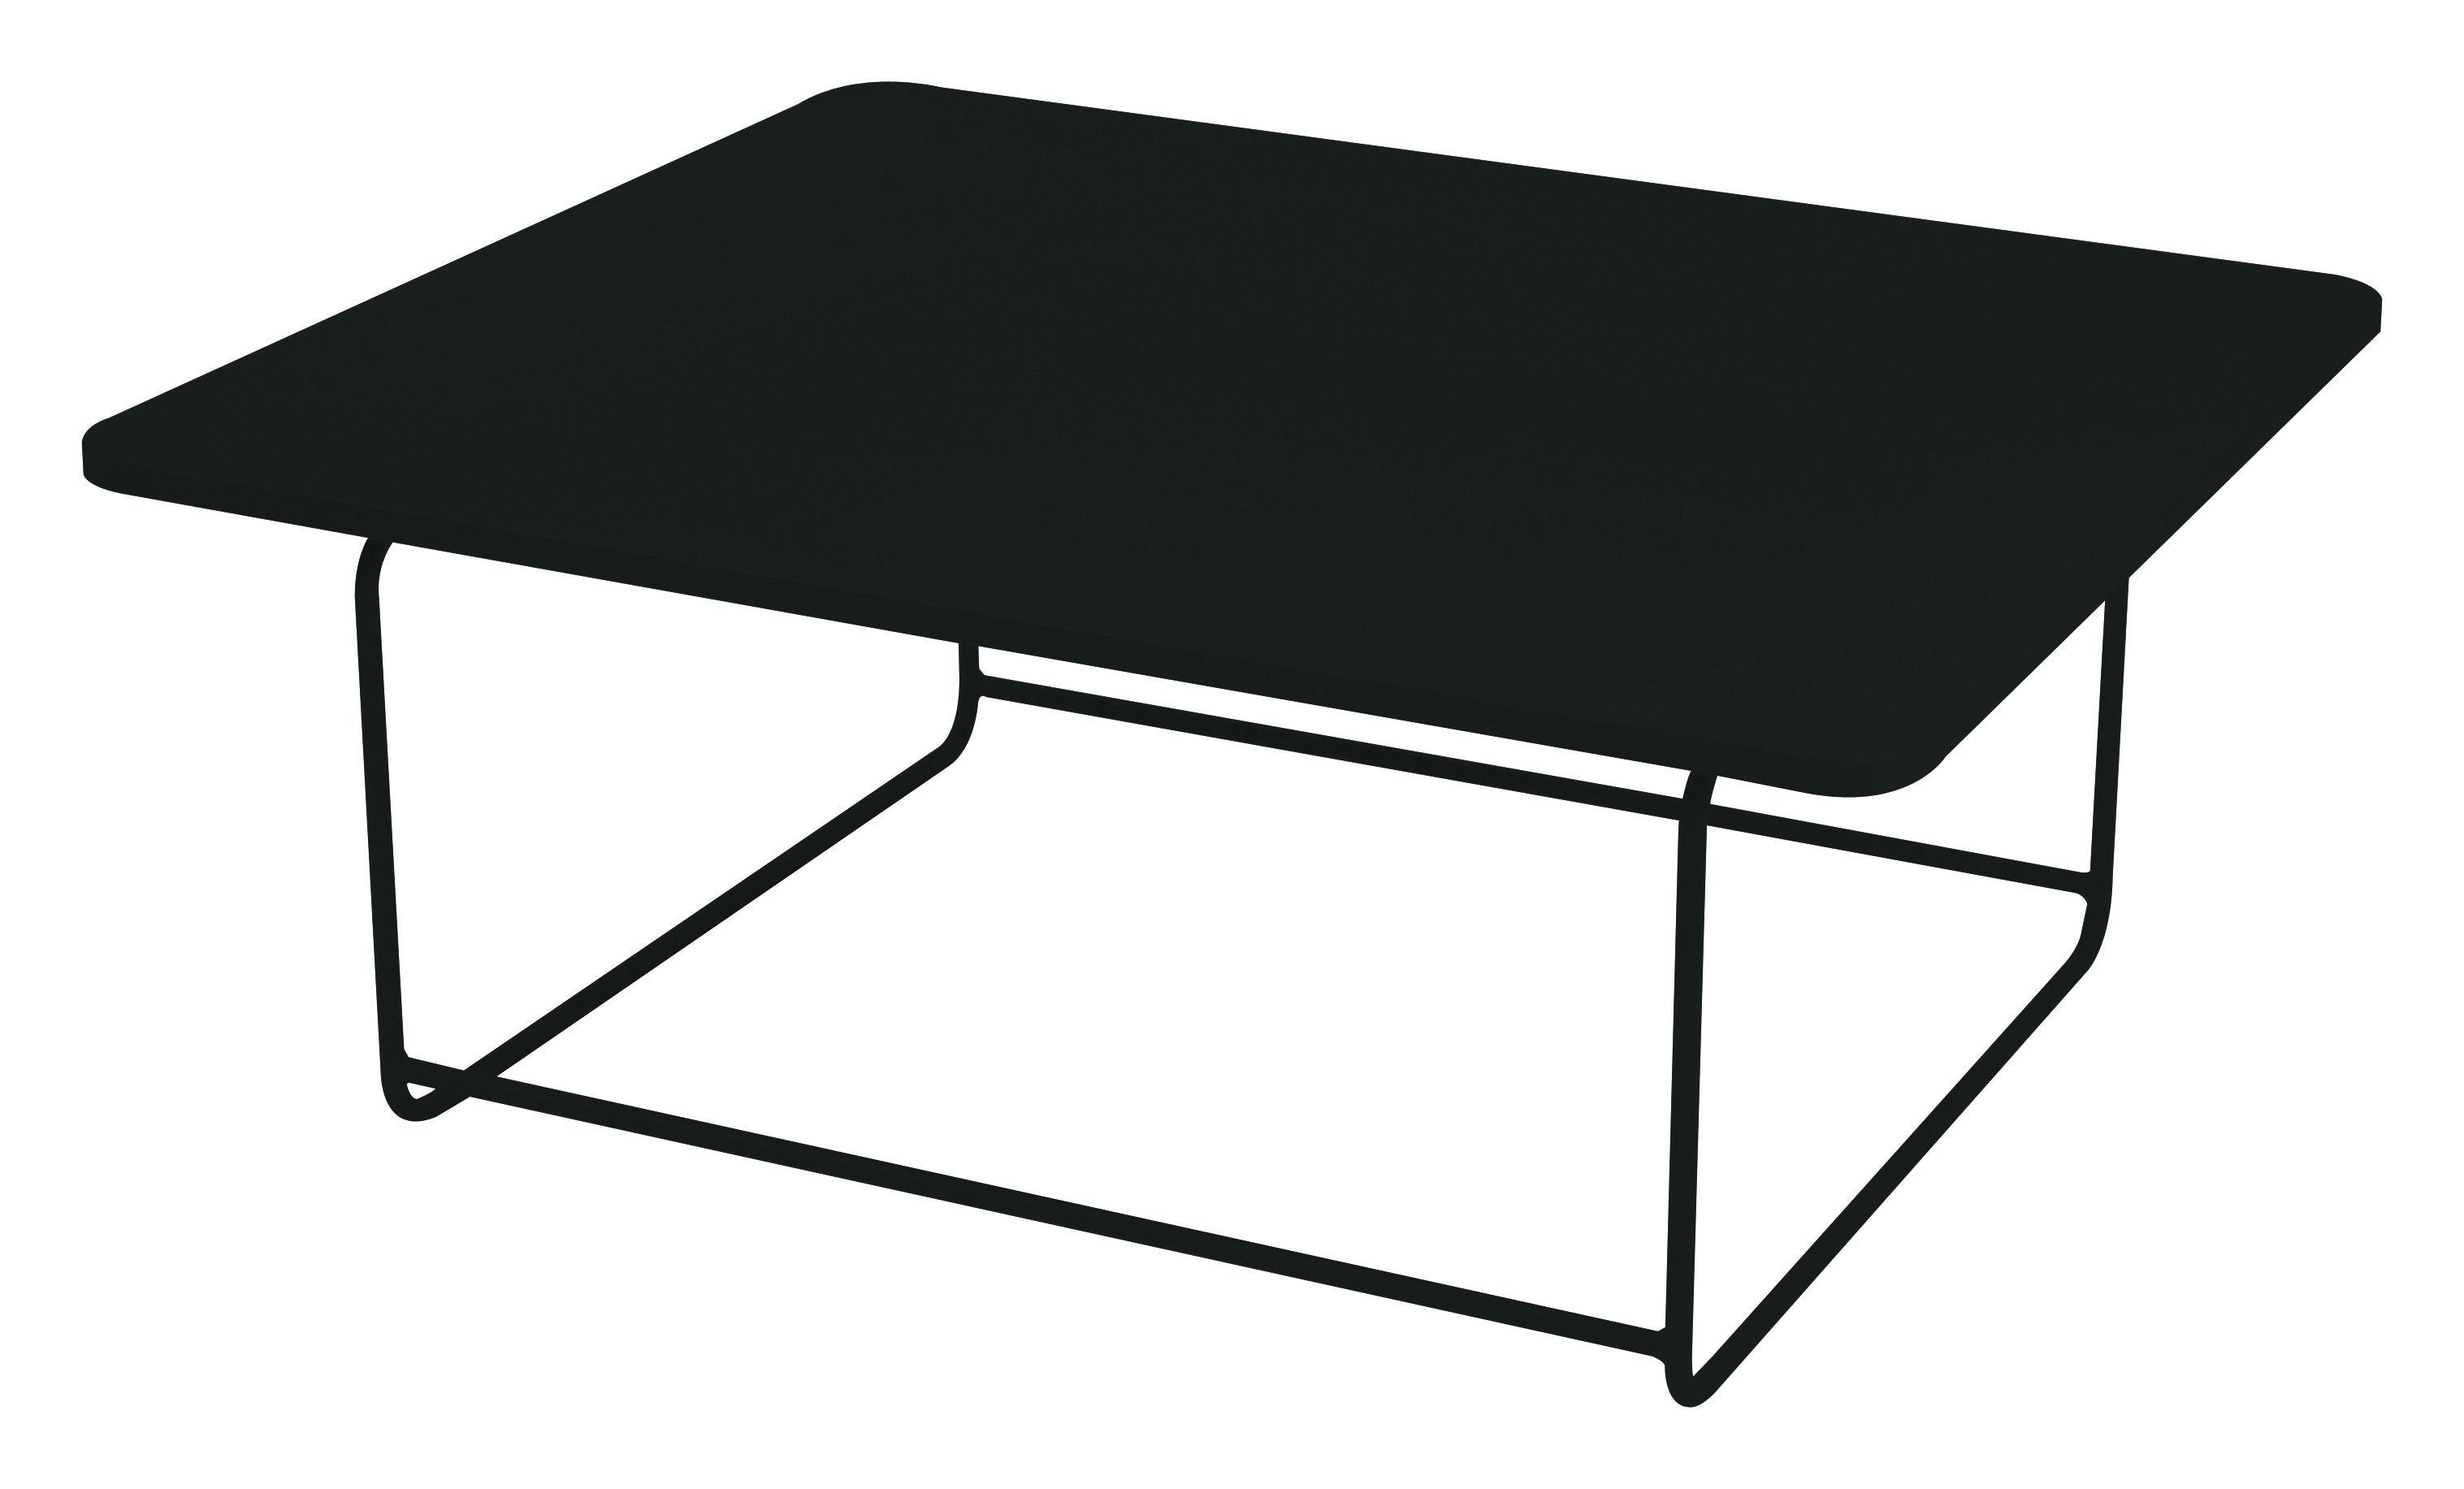 Möbel - Couchtische - Ellipse Couchtisch 110 x 90 x H 48 cm - Fermob - Lakritz - lackierter Stahl